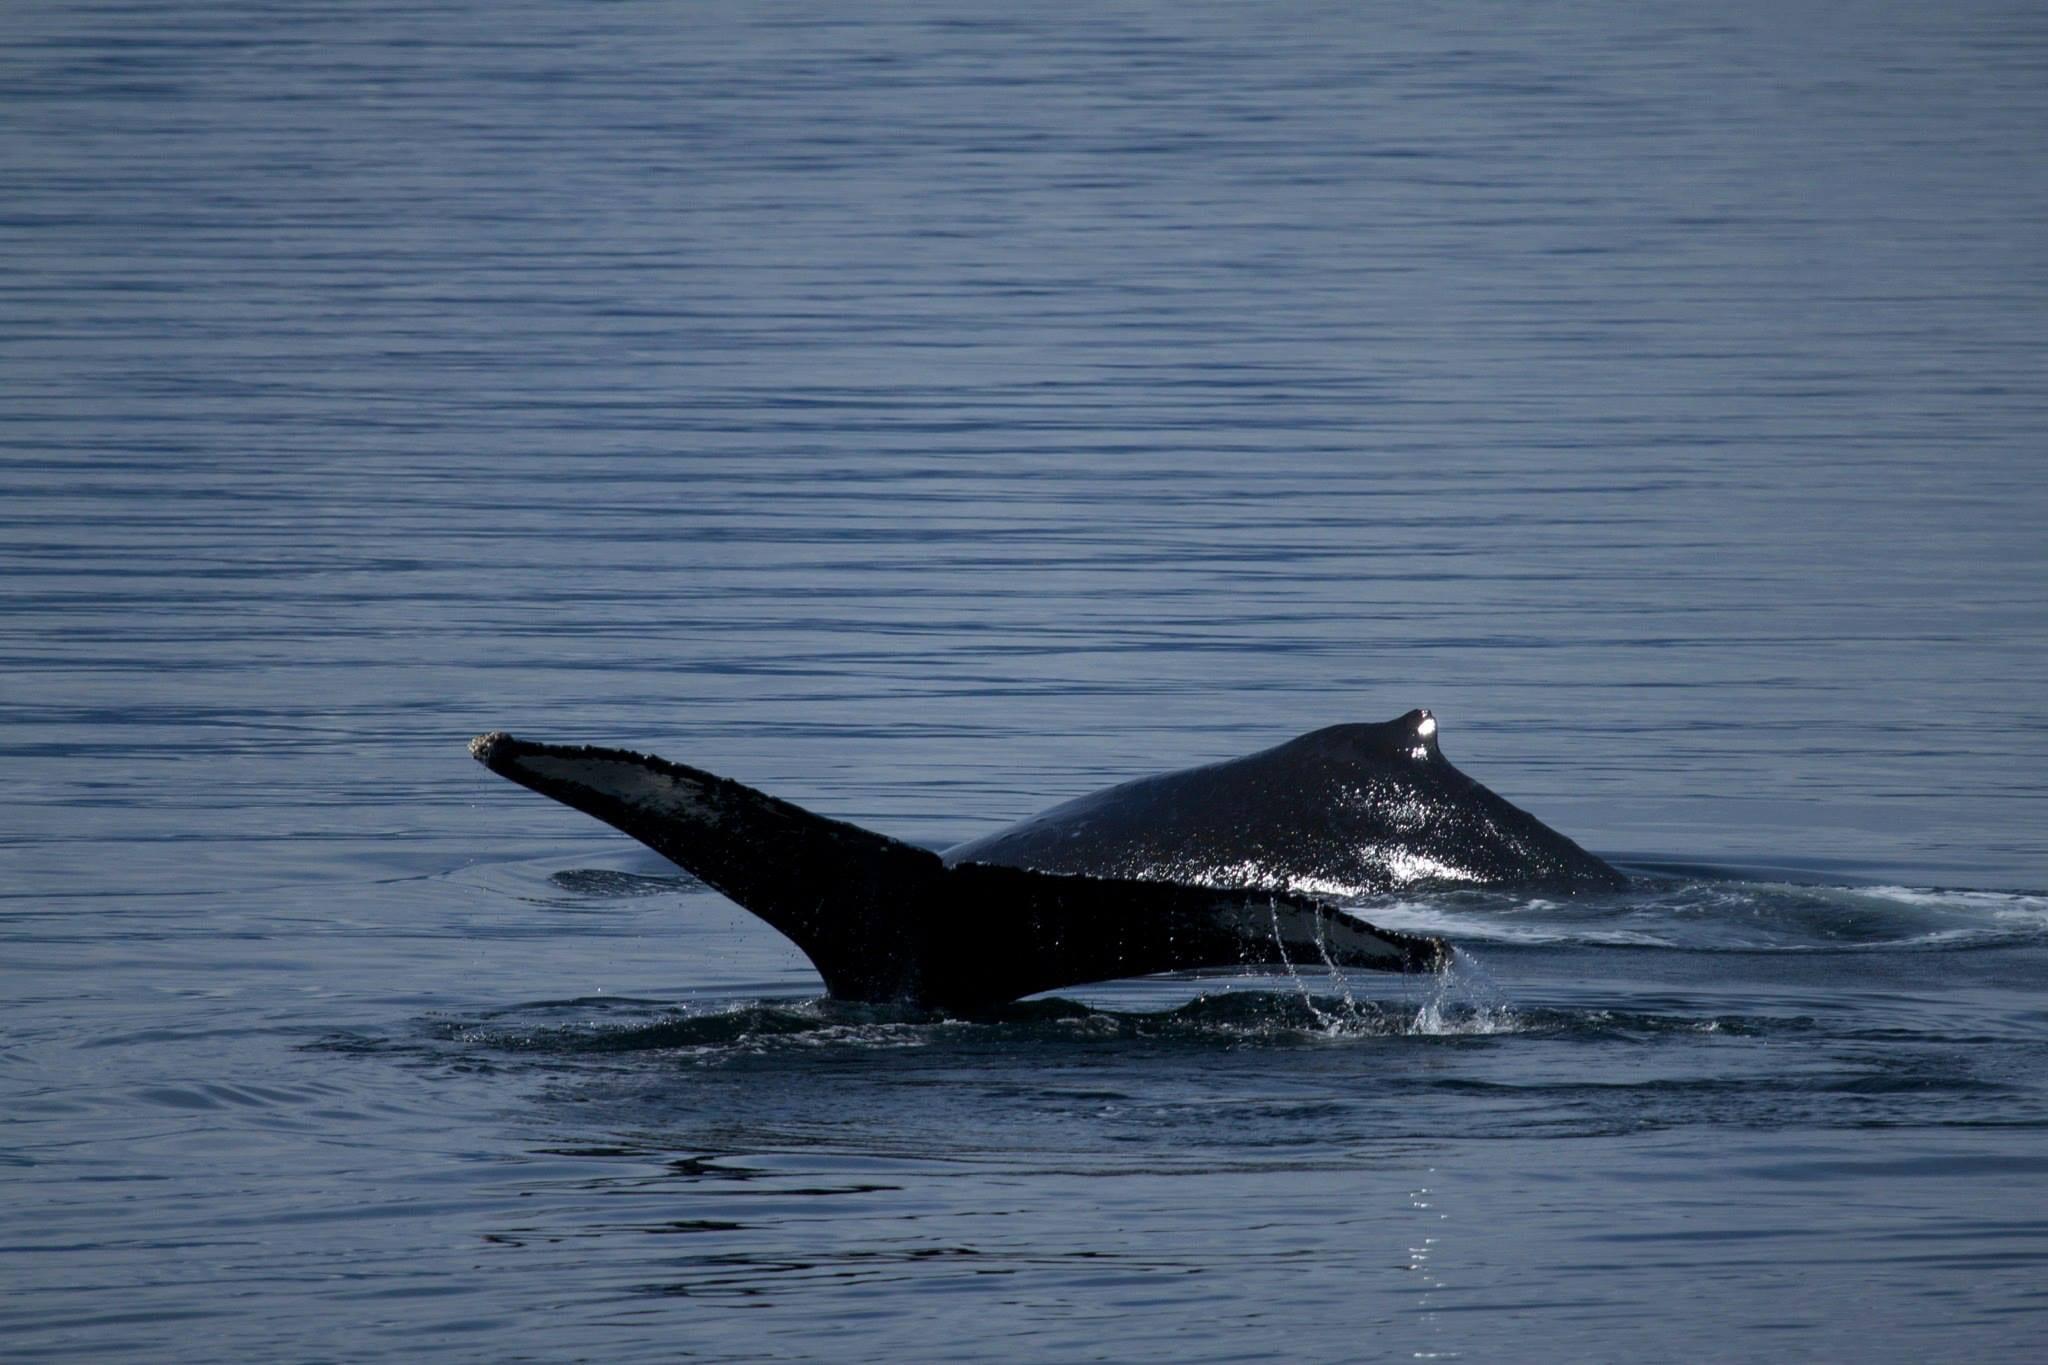 Whales - Bubble Feeding in Alaska